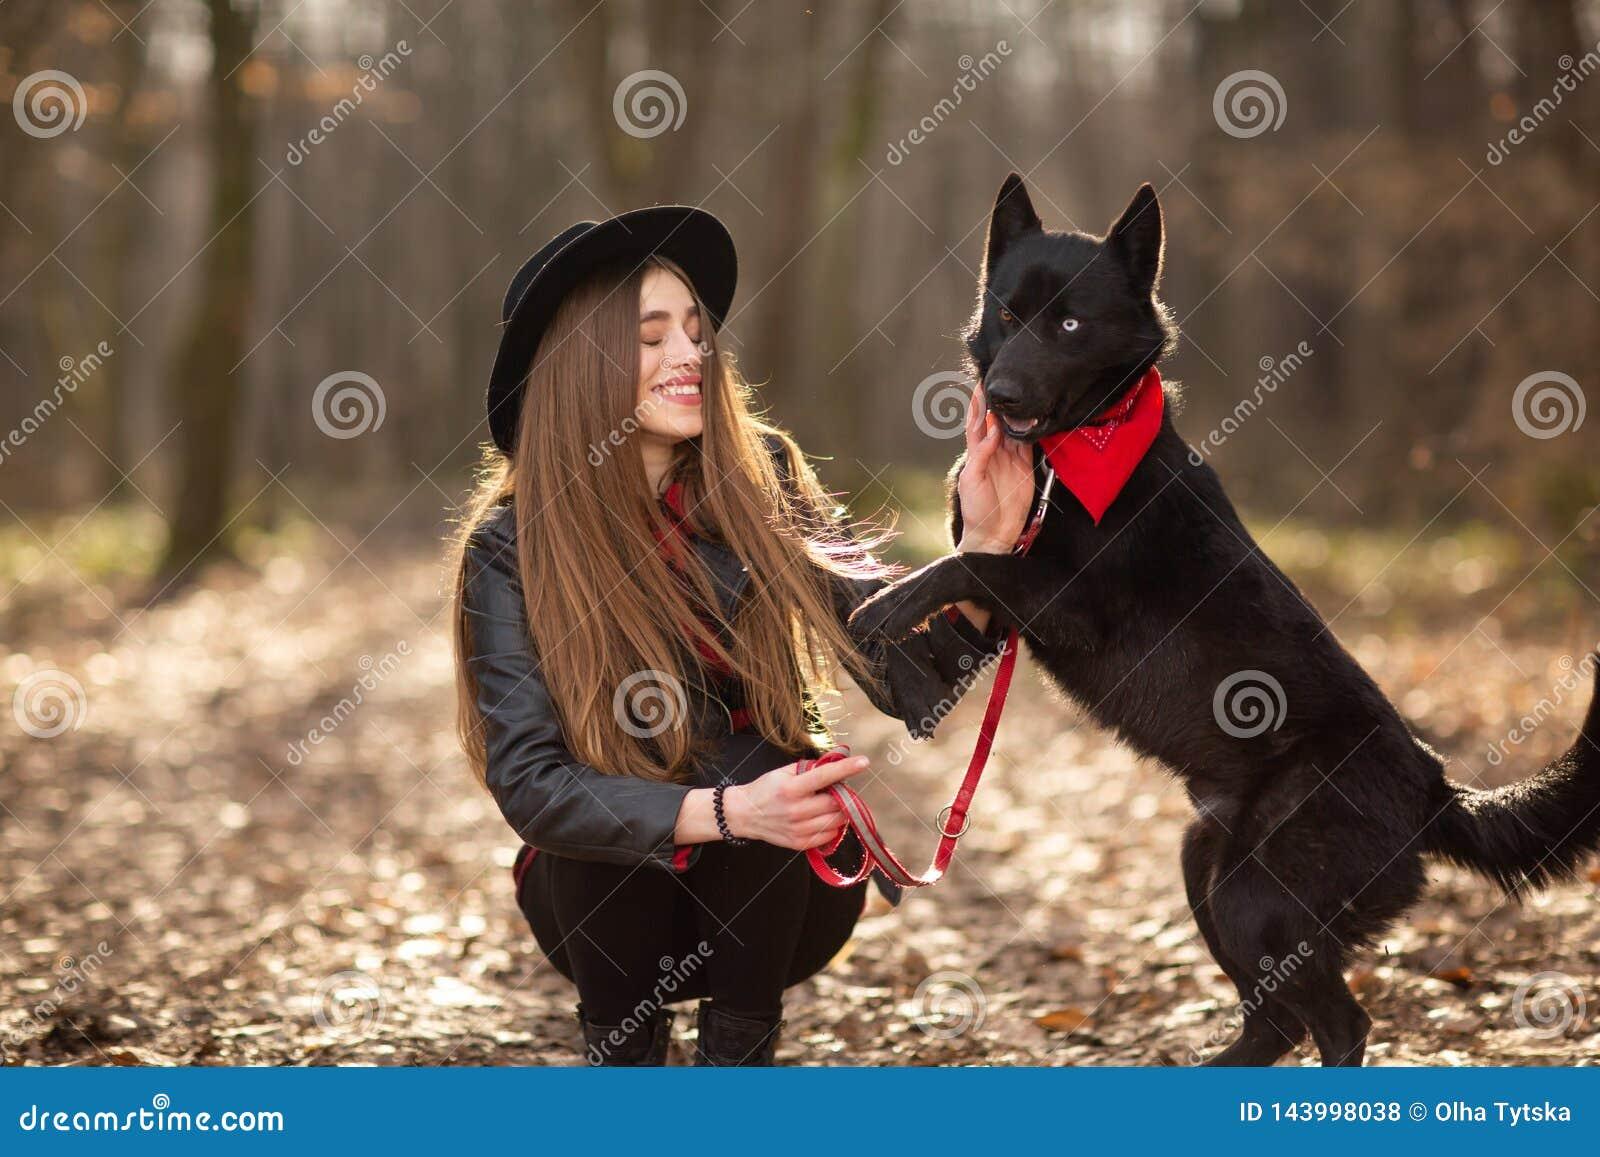 抚摸她的狗的美女户外 获得俏丽的女孩名义上演奏和与她的宠物Brovko Vivchar的乐趣